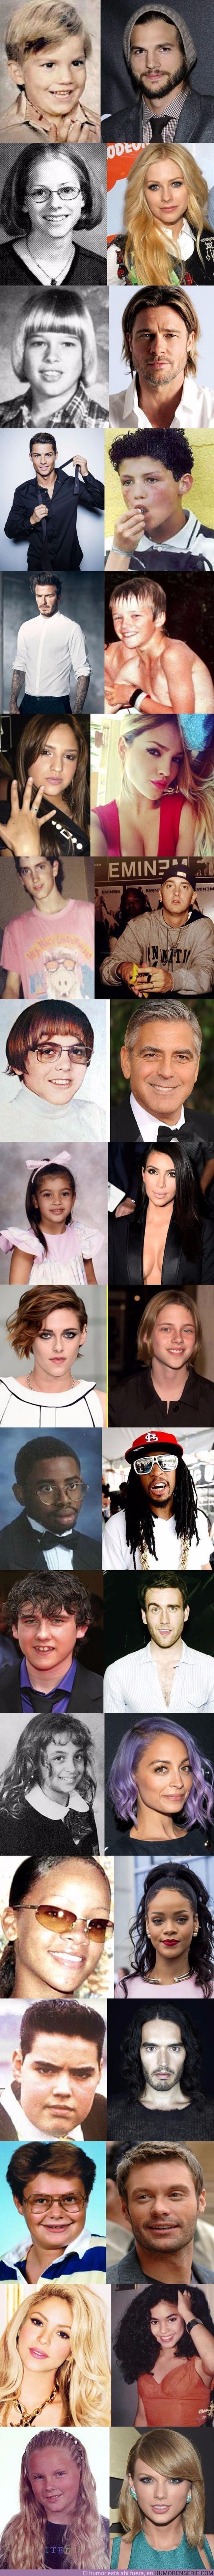 14607 - Nunca imaginarás lo feos que eran todos estas celebridades en su adolescencia